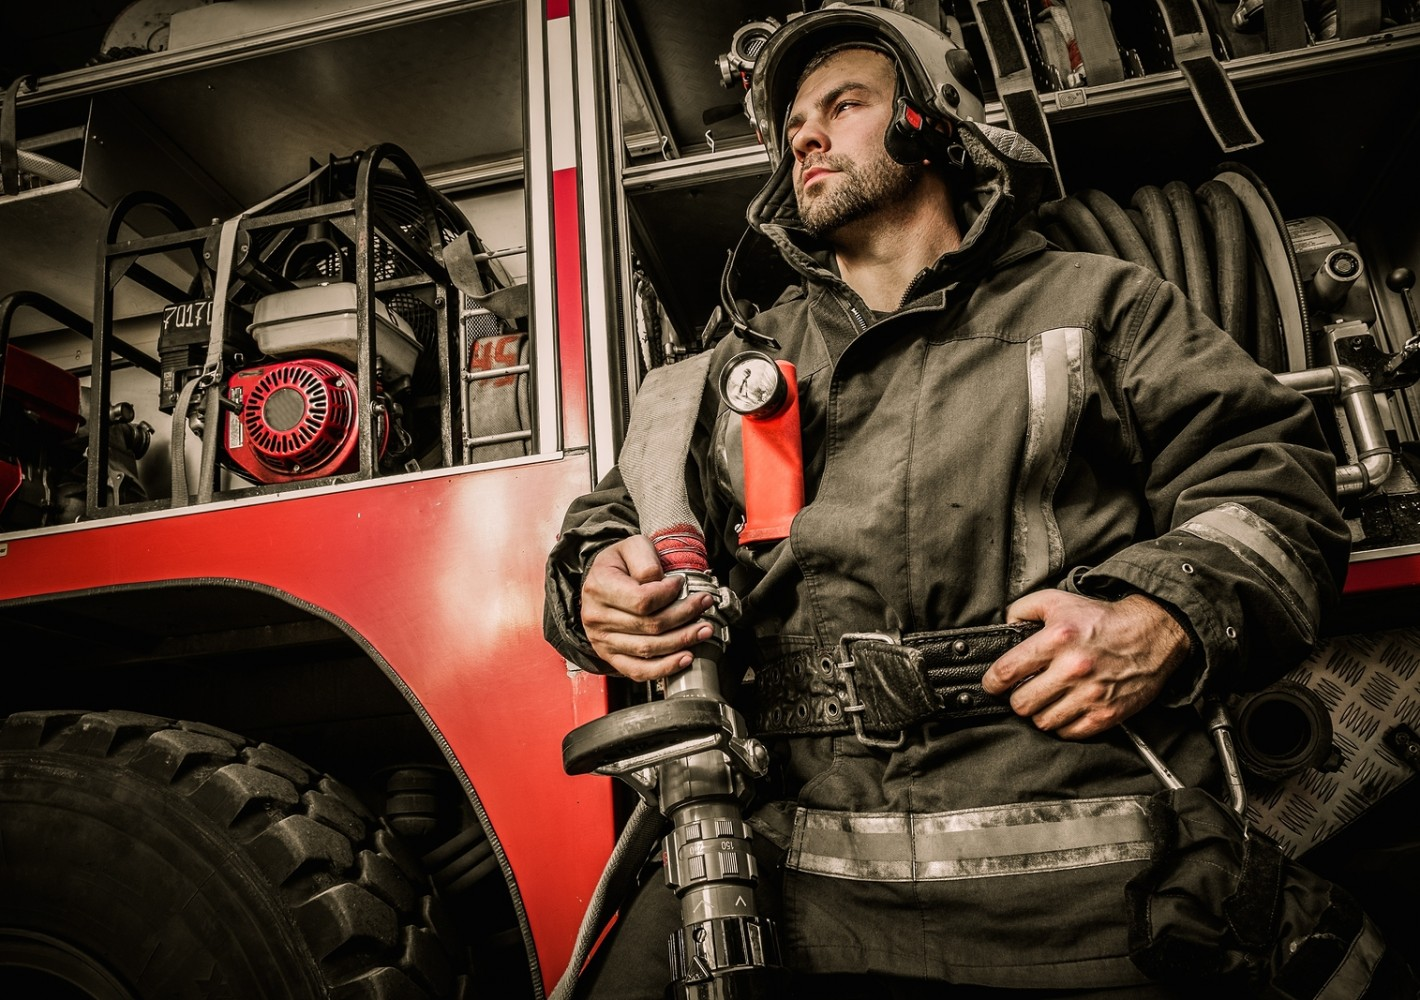 112 Fire - Loista pääsykokeissa